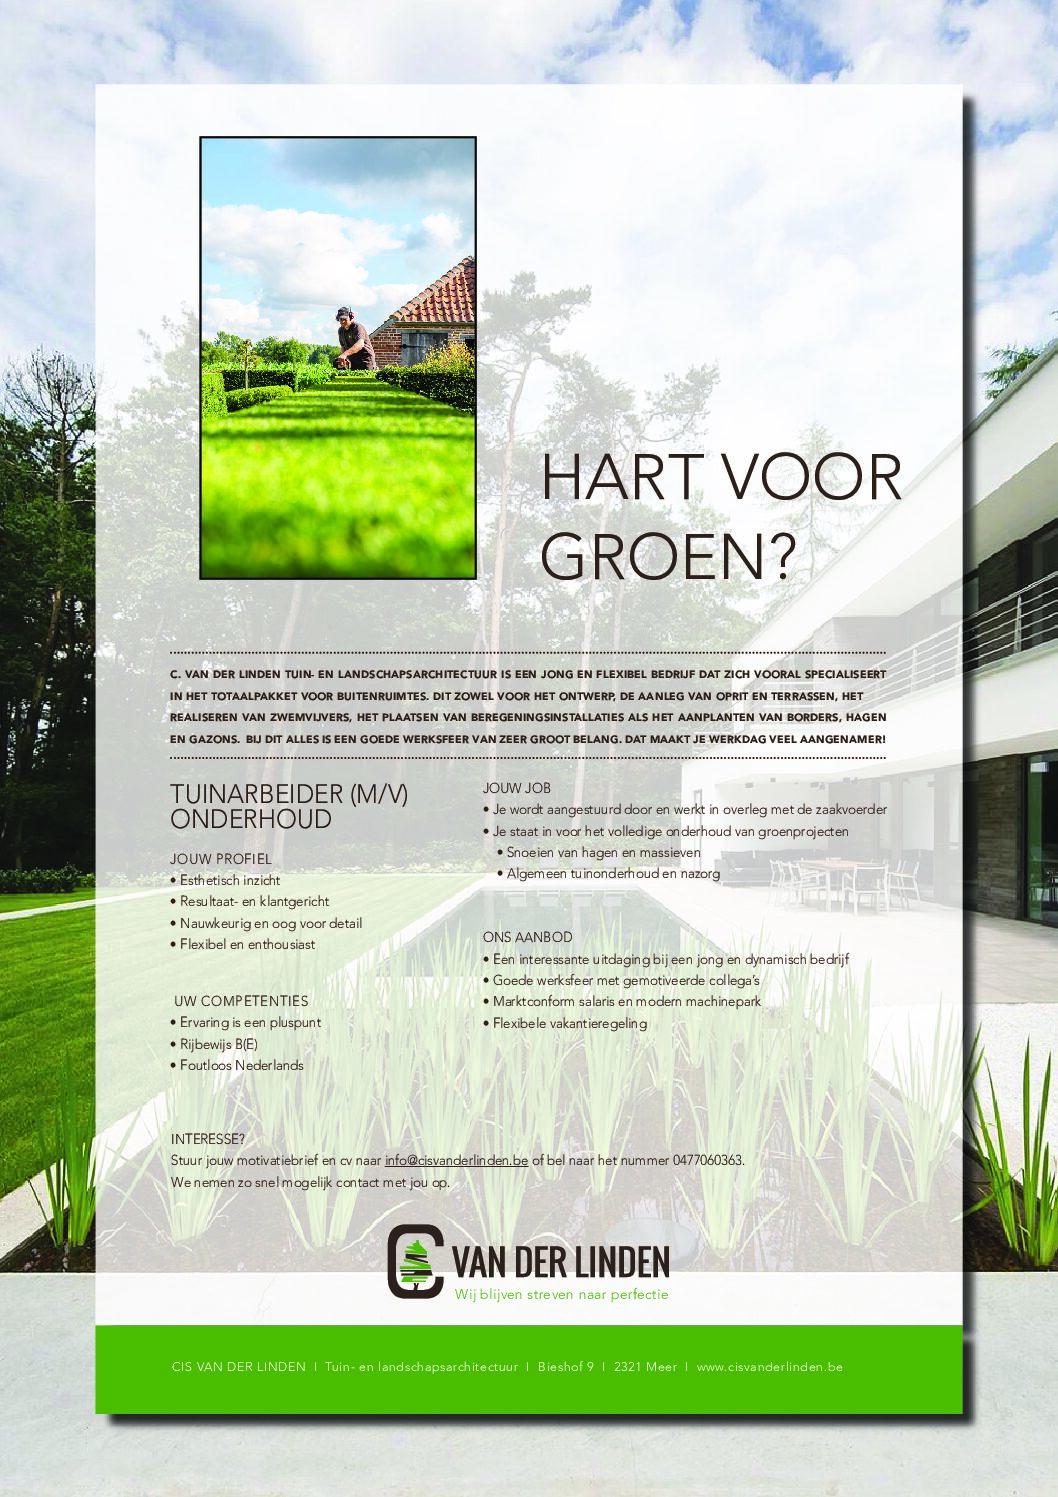 Vacatures - Cis Van der Linden Tuinaanneming en -Architectuur